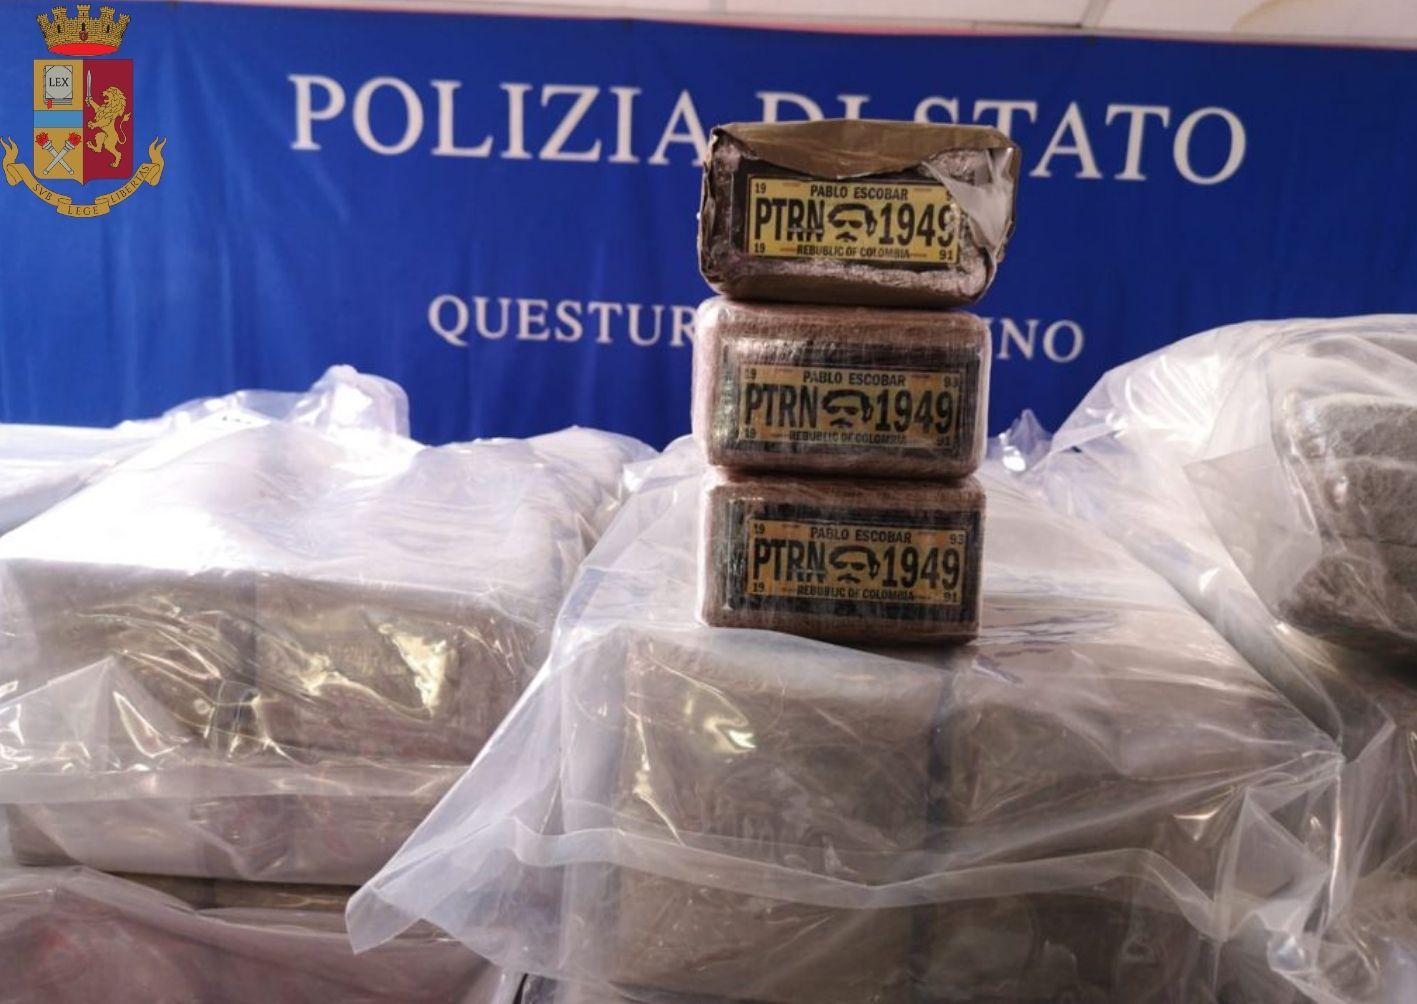 BRANDIZZO - La polizia sequestra 300 chili di droga: due italiani arrestati. Sui pacchi di hashish il volto di Pablo Escobar - FOTO e VIDEO